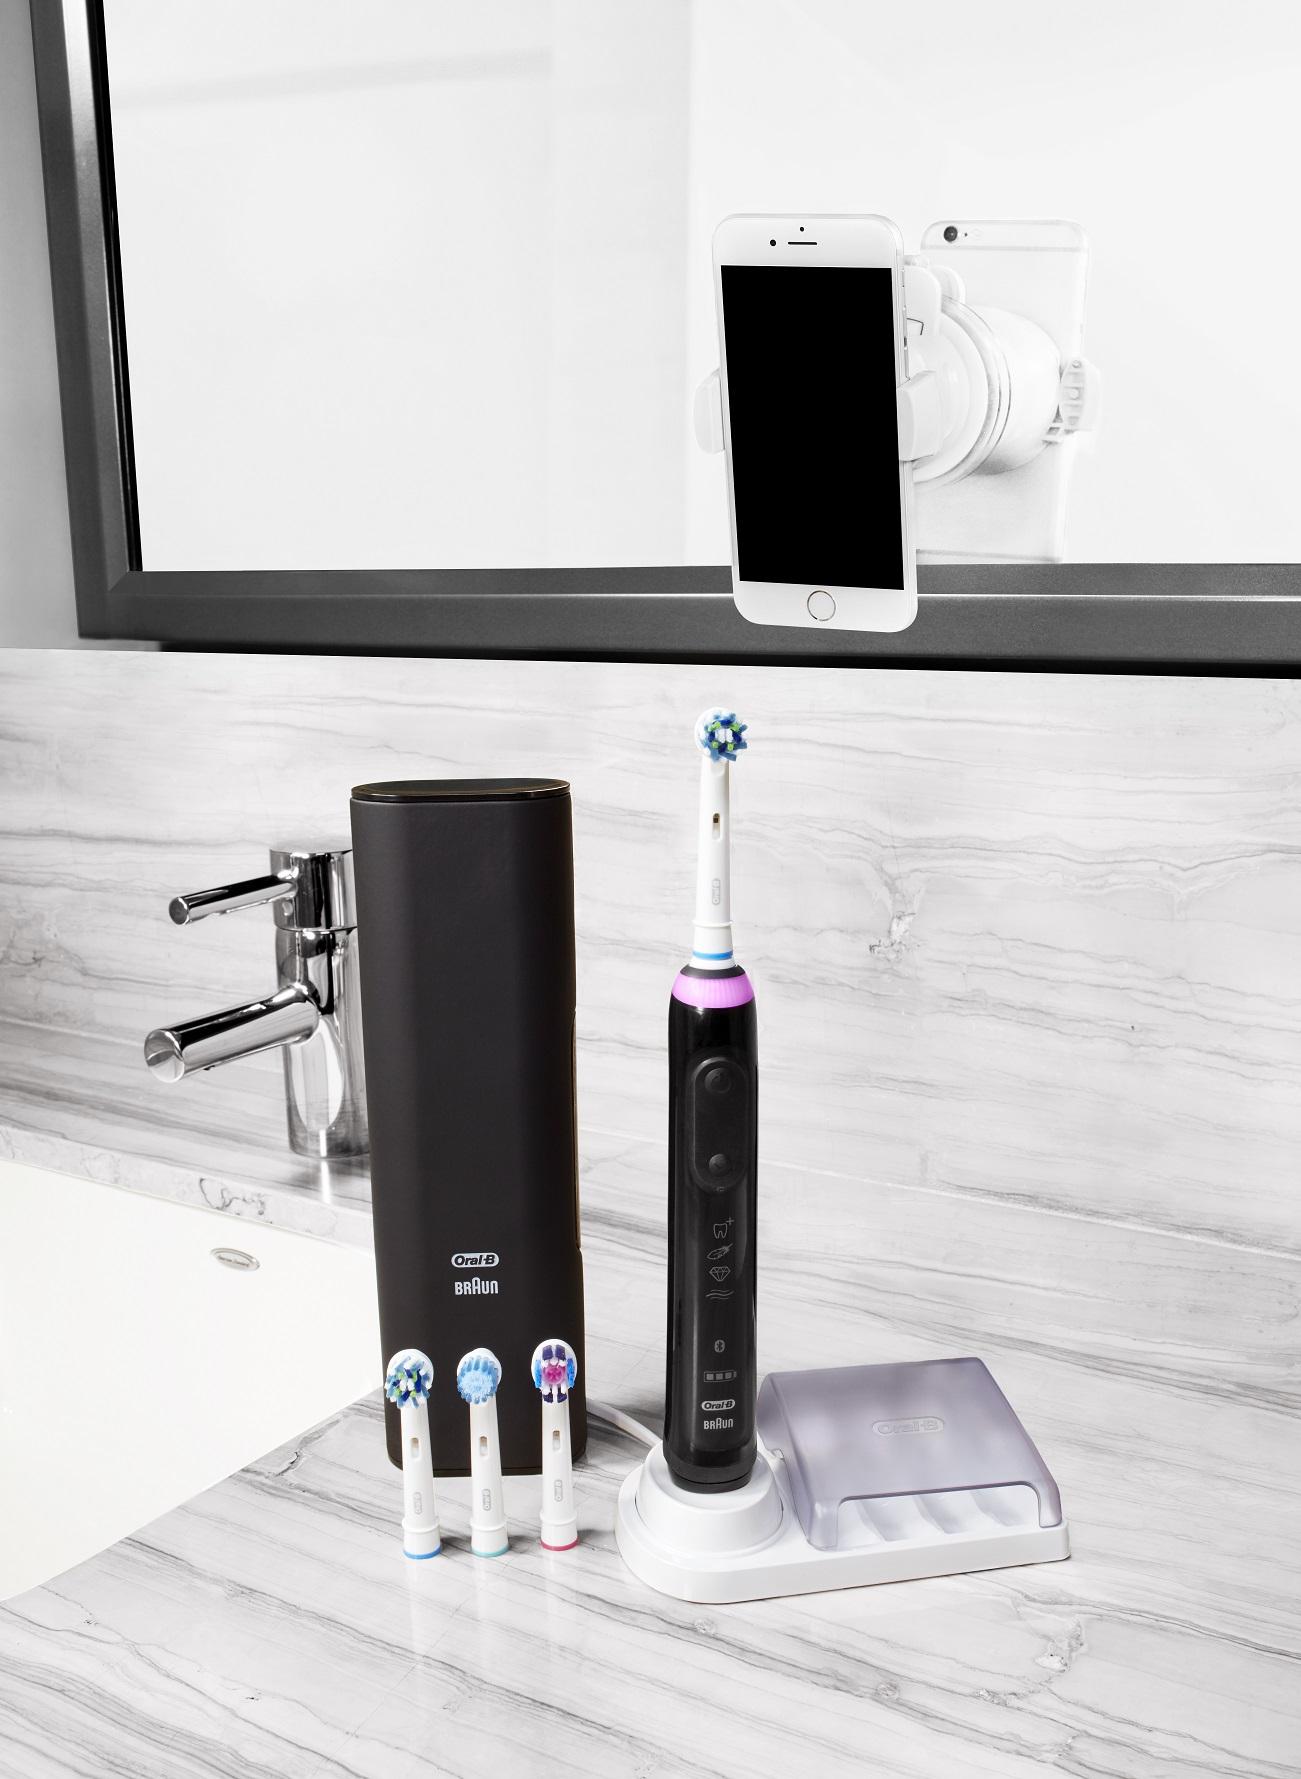 Braun Oral-B szczoteczka elektryczna GENIUS PRO 9000 Black - Czarna D701.545.6XC <b>z Bluetooth + 4 końcówki </b>